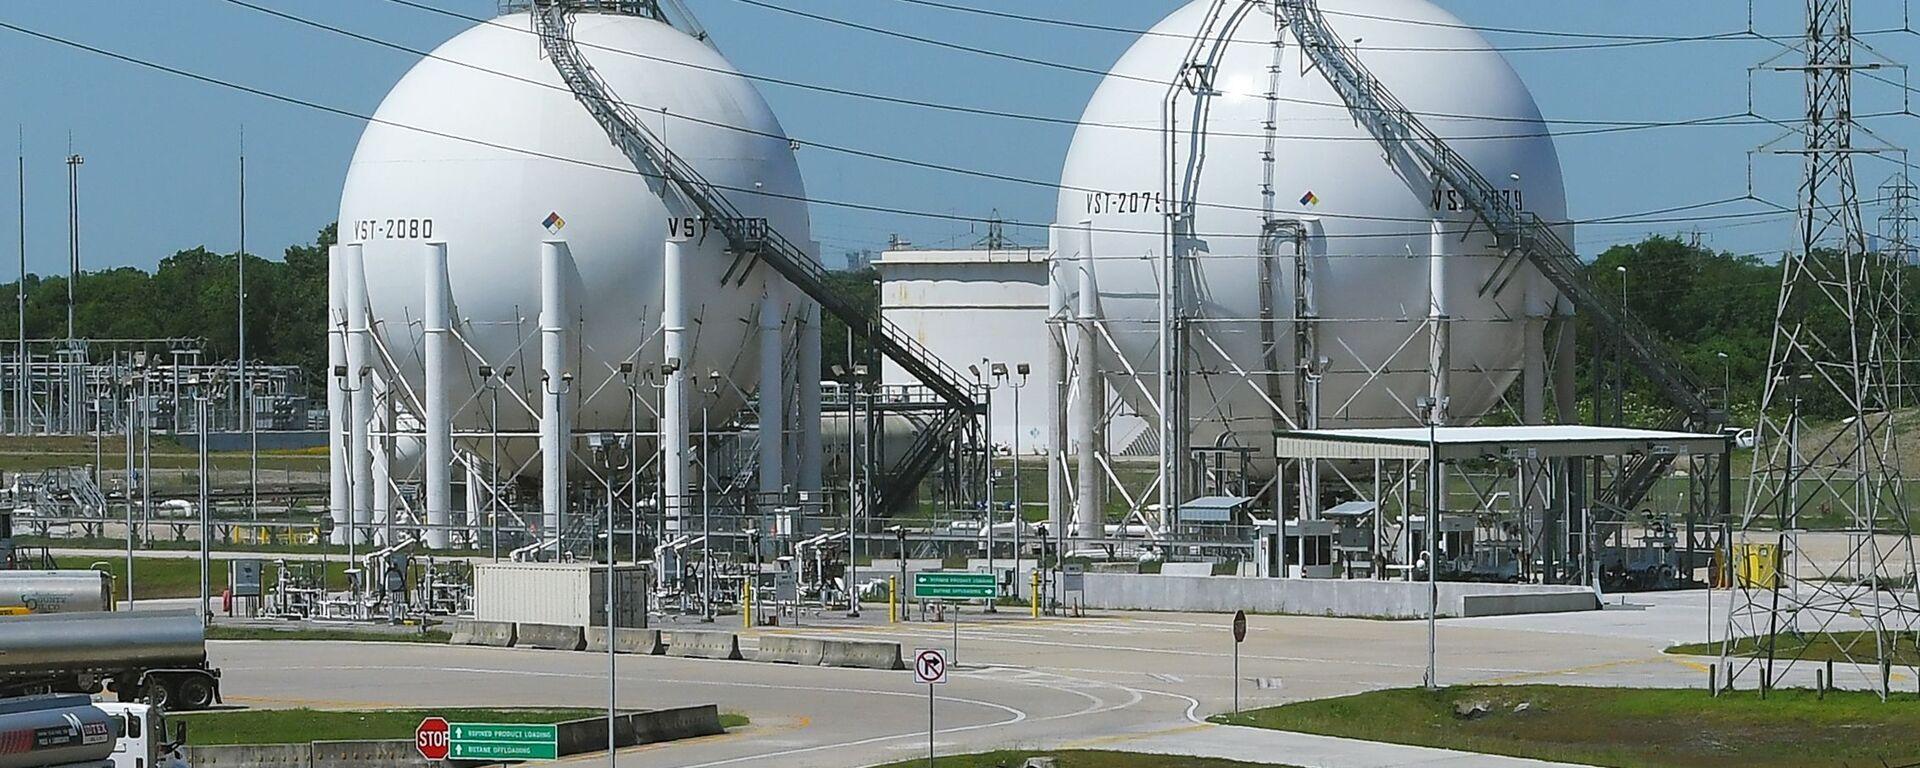 Шаровые резервуары на окраине Хьюстона, штат Техас. - Sputnik Latvija, 1920, 01.04.2021